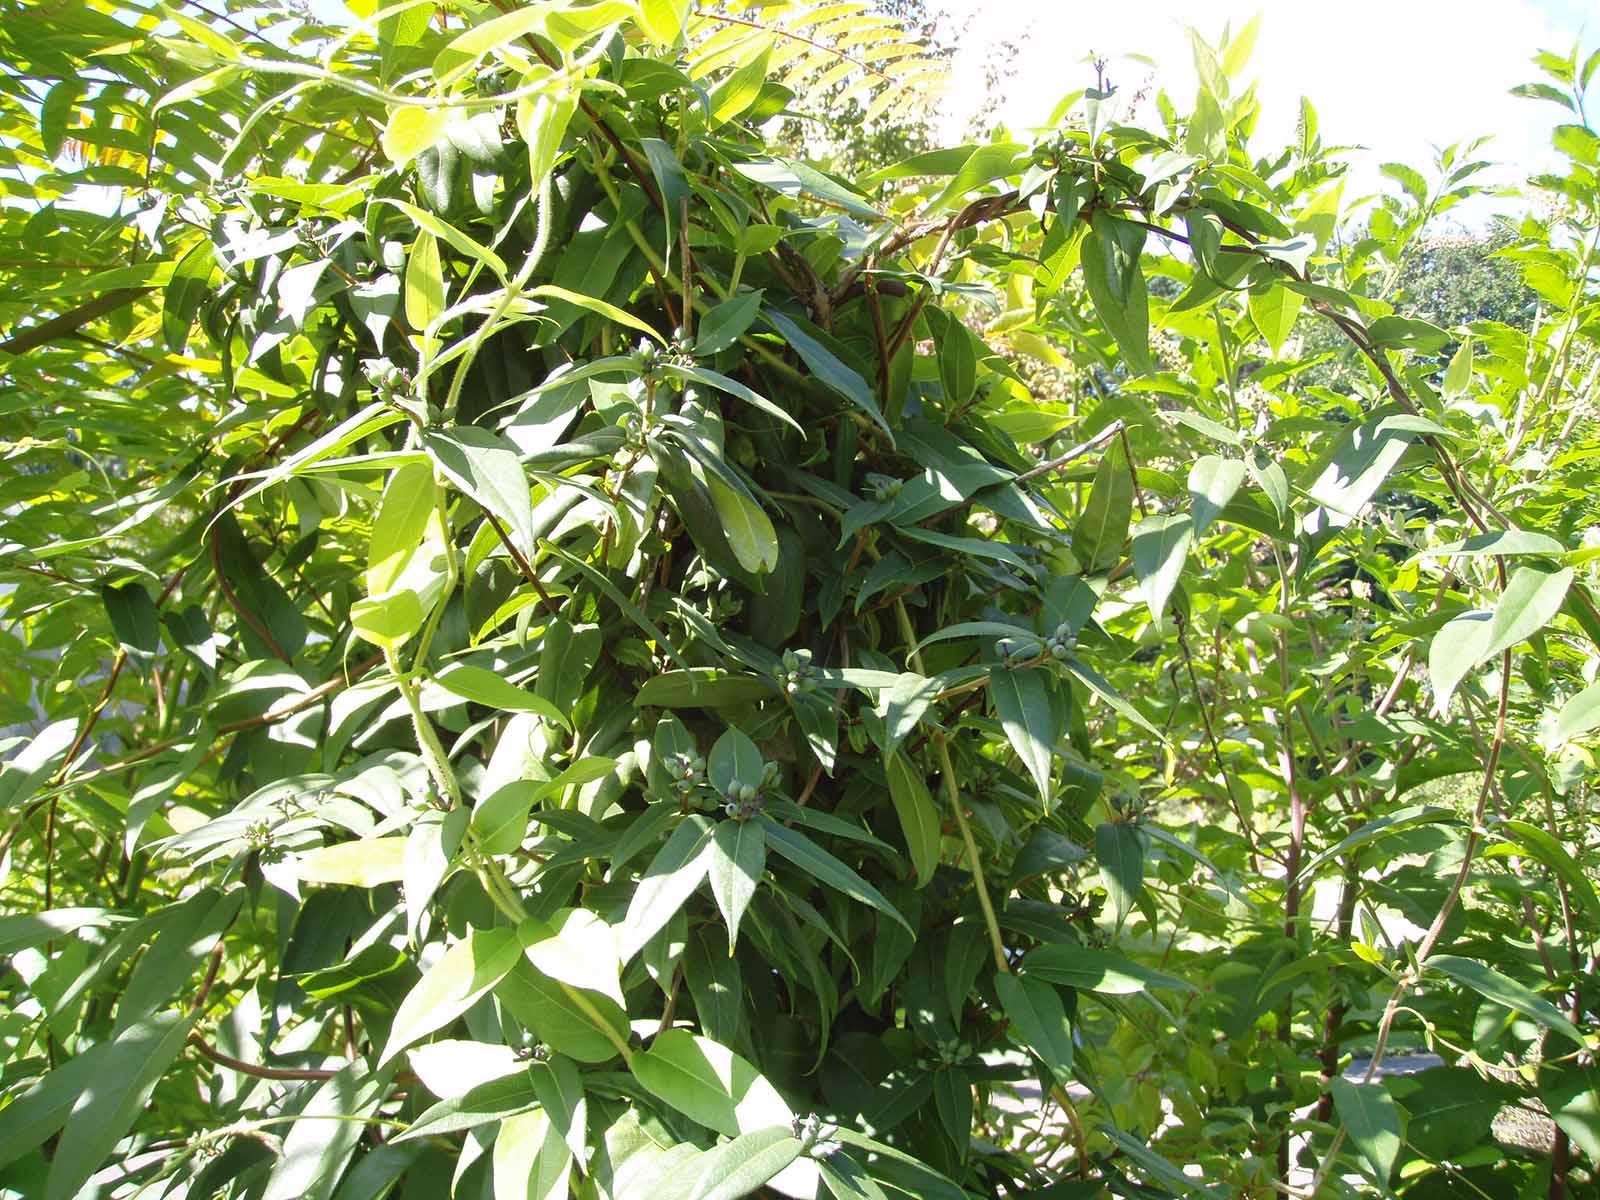 Das rasche Wachstum des Neophyten «Henrys Geissblatt» führt zu Dickichten, die die Waldverjüngung behindern.